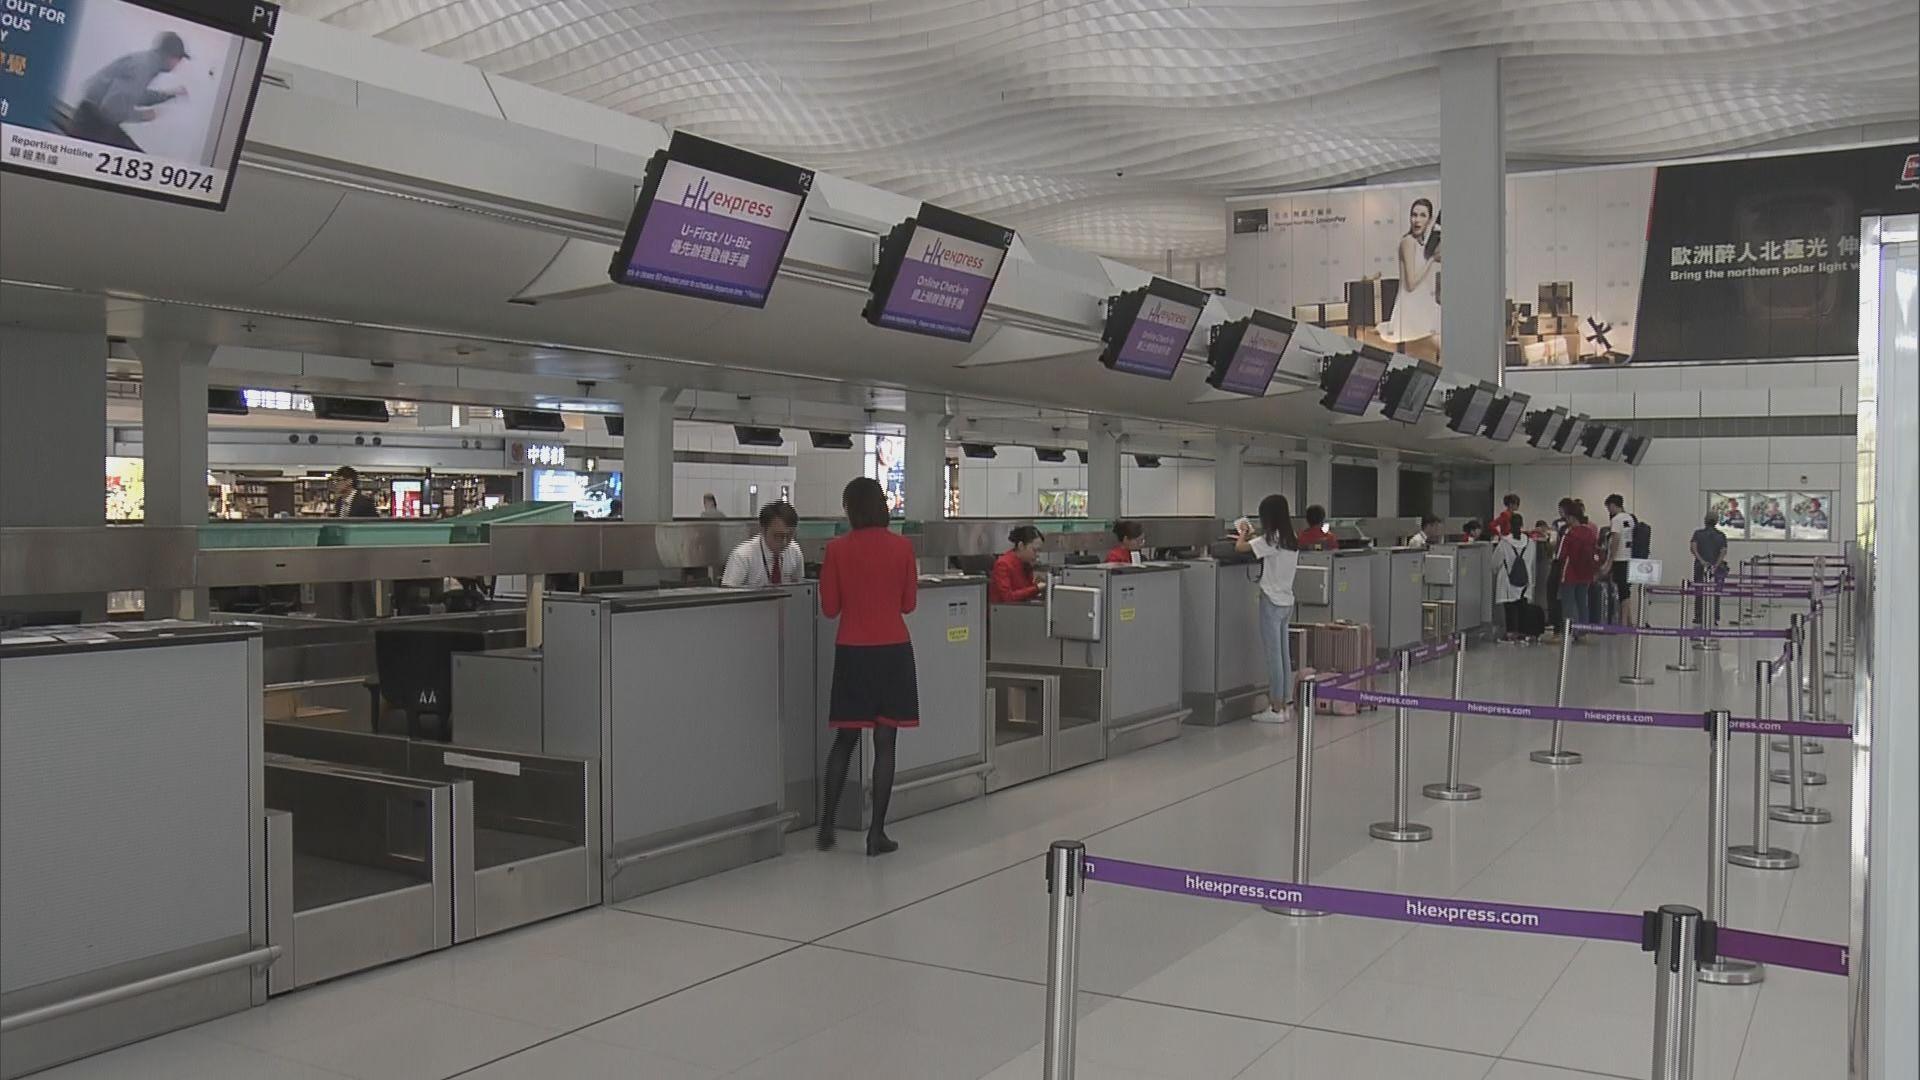 香港快運取消即日至11日來往香港大阪航班